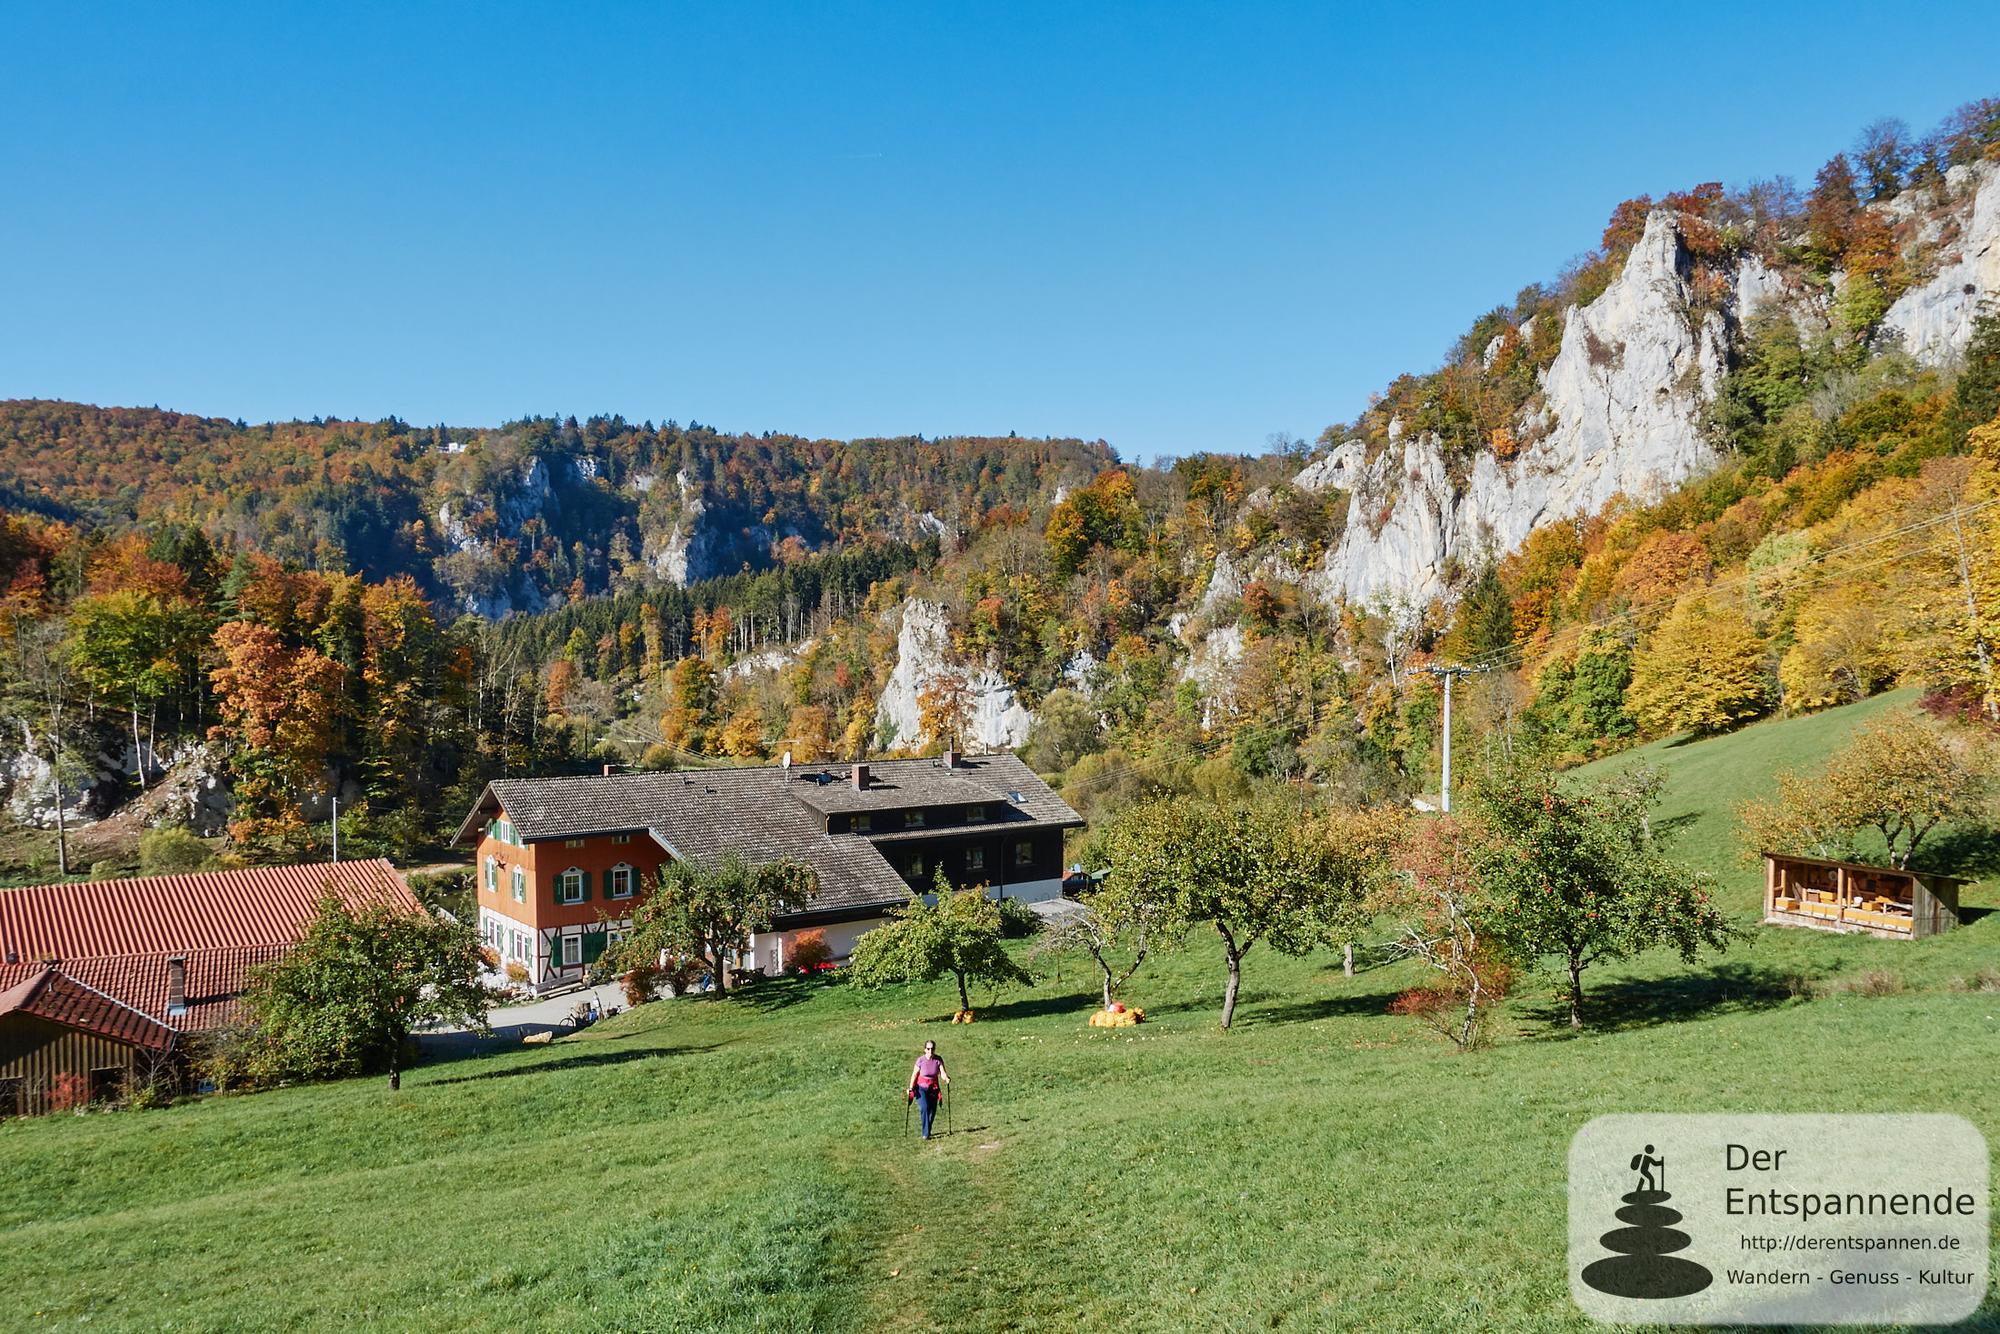 Donaufelsen-Tour: Wandern im Donaubergland mit phantastischen Panoramas